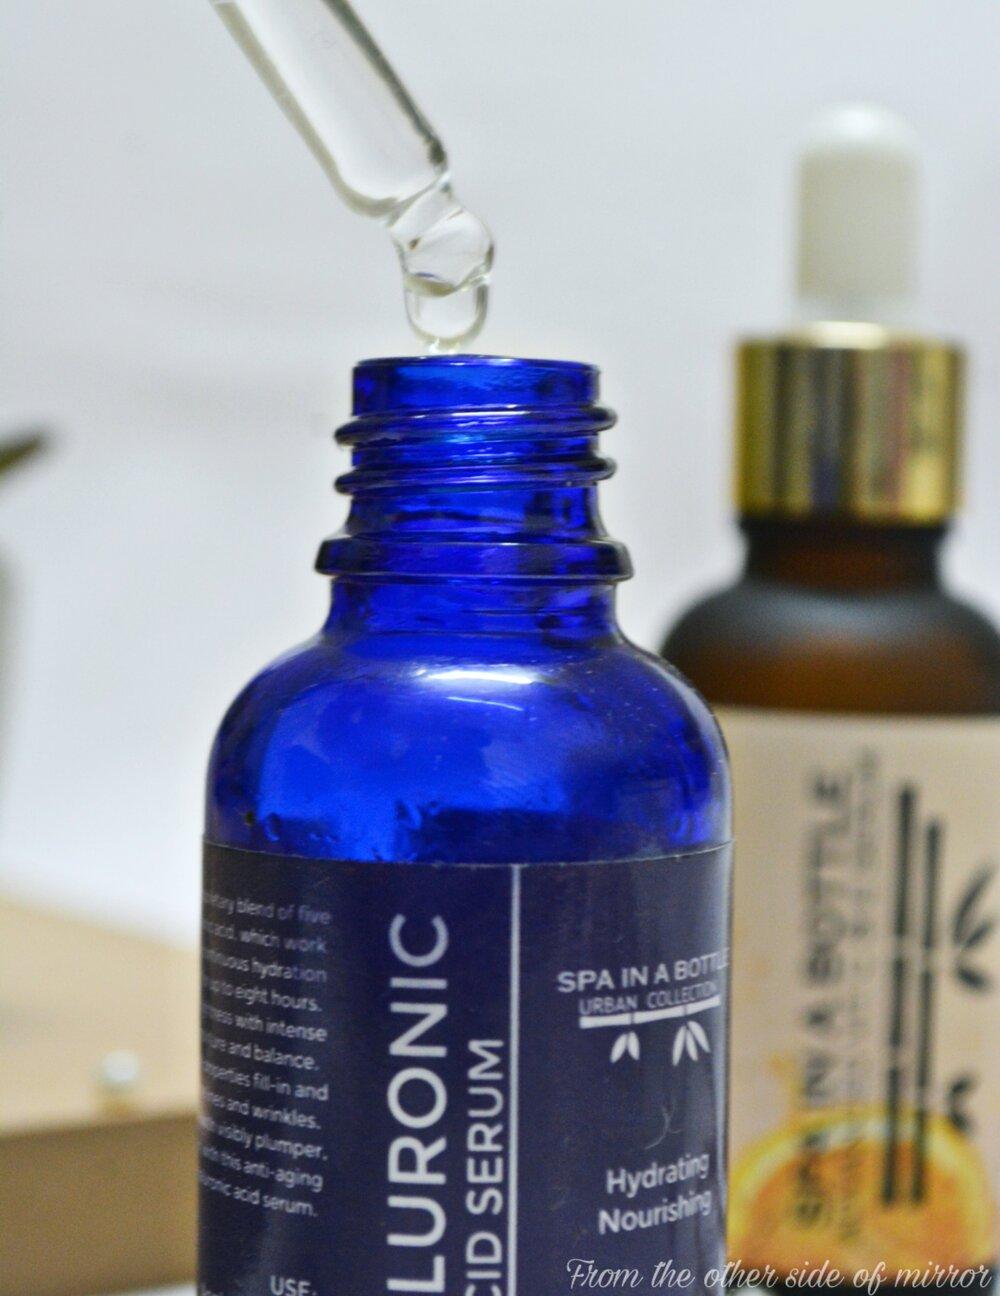 Spa in a bottle Hyaluronic Acid Serum